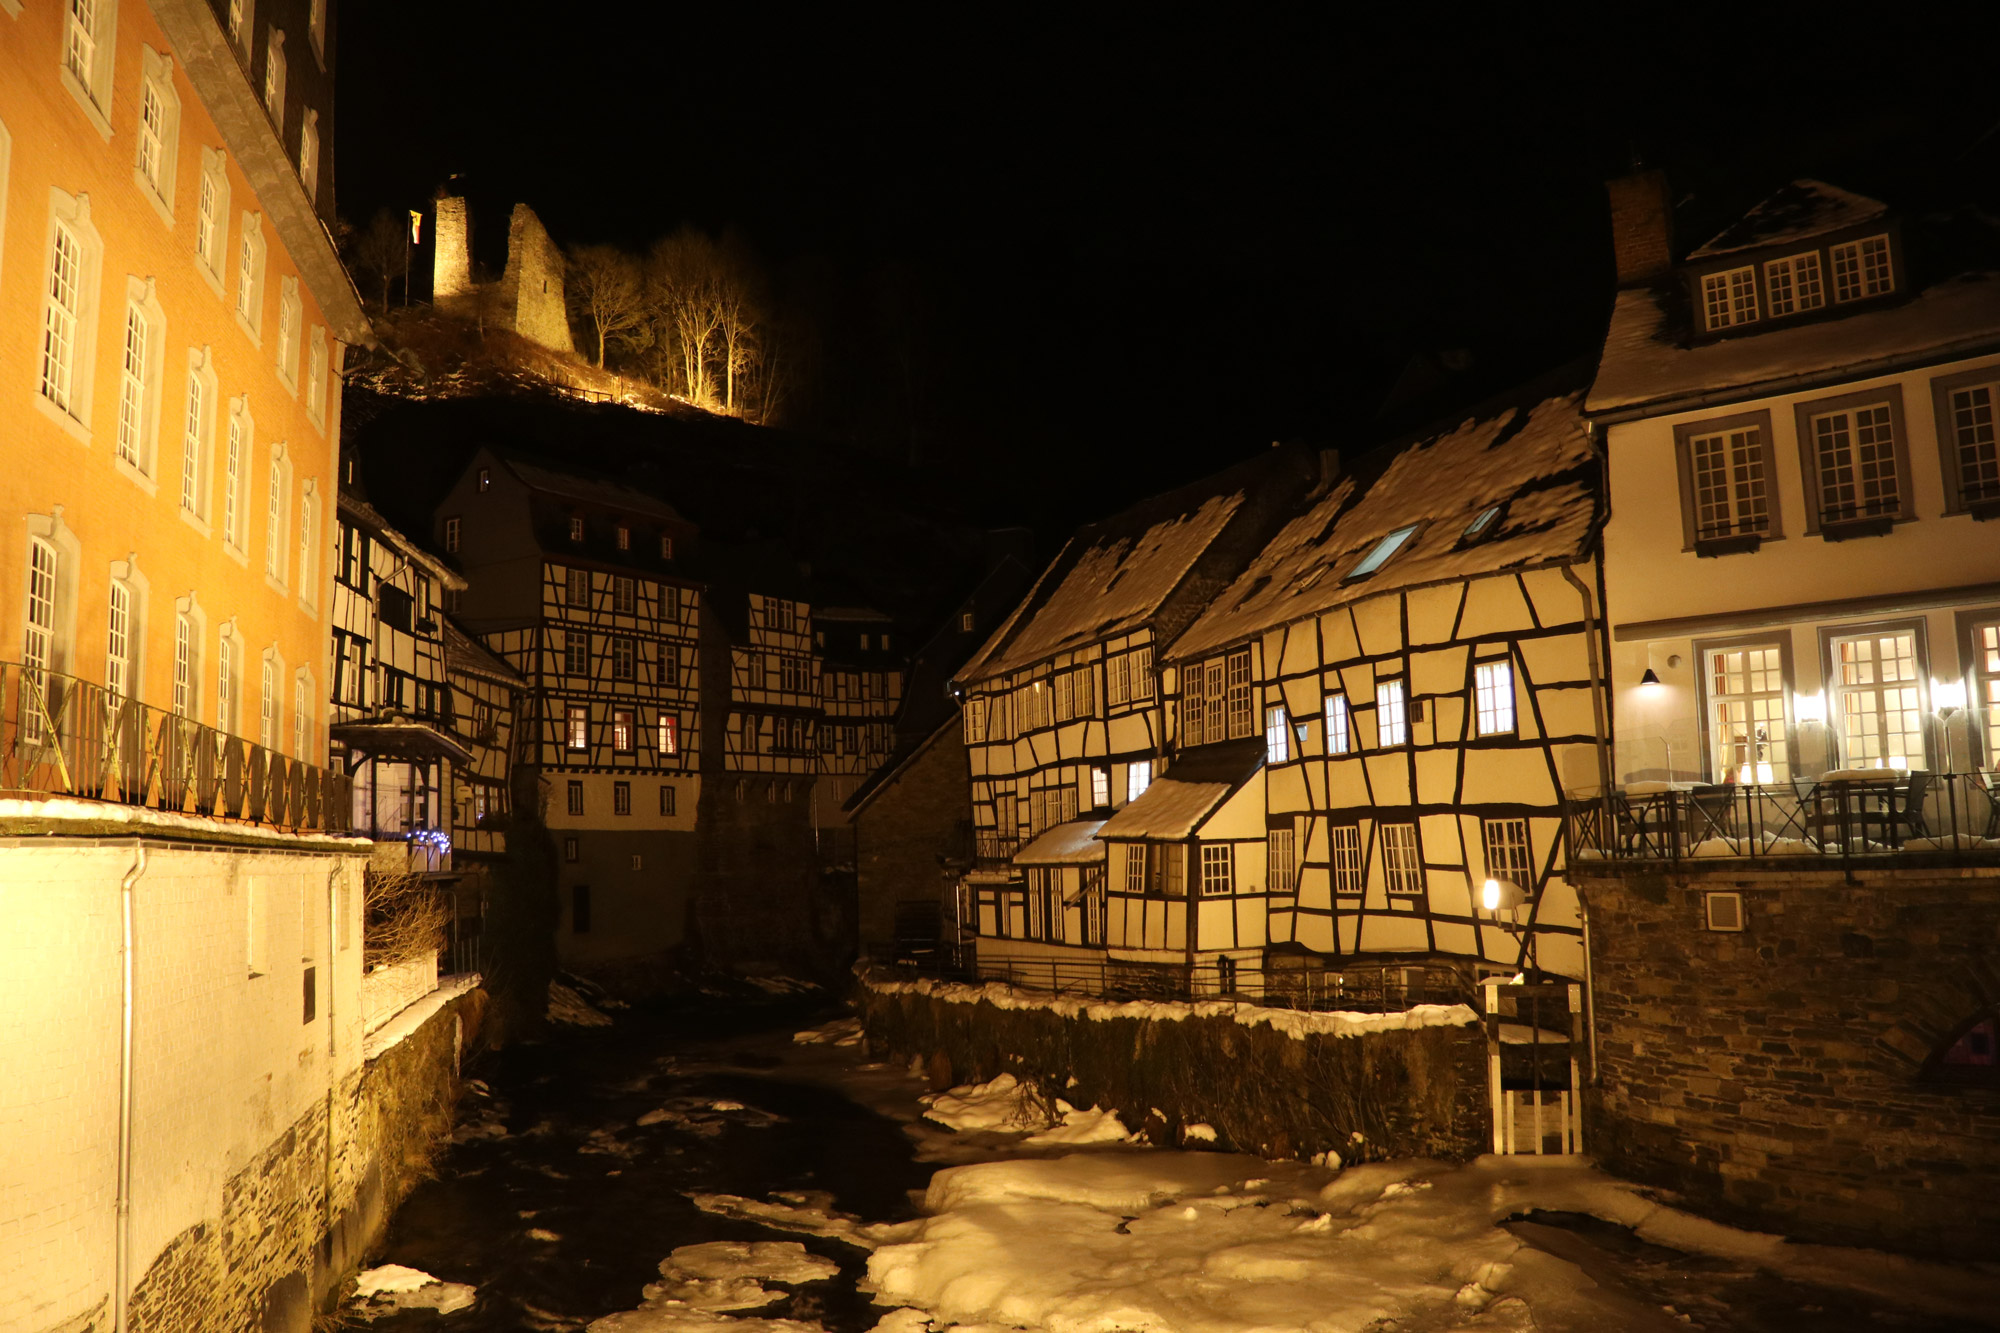 Weekendje in Monschau in 10 beelden - Monschau bij nacht